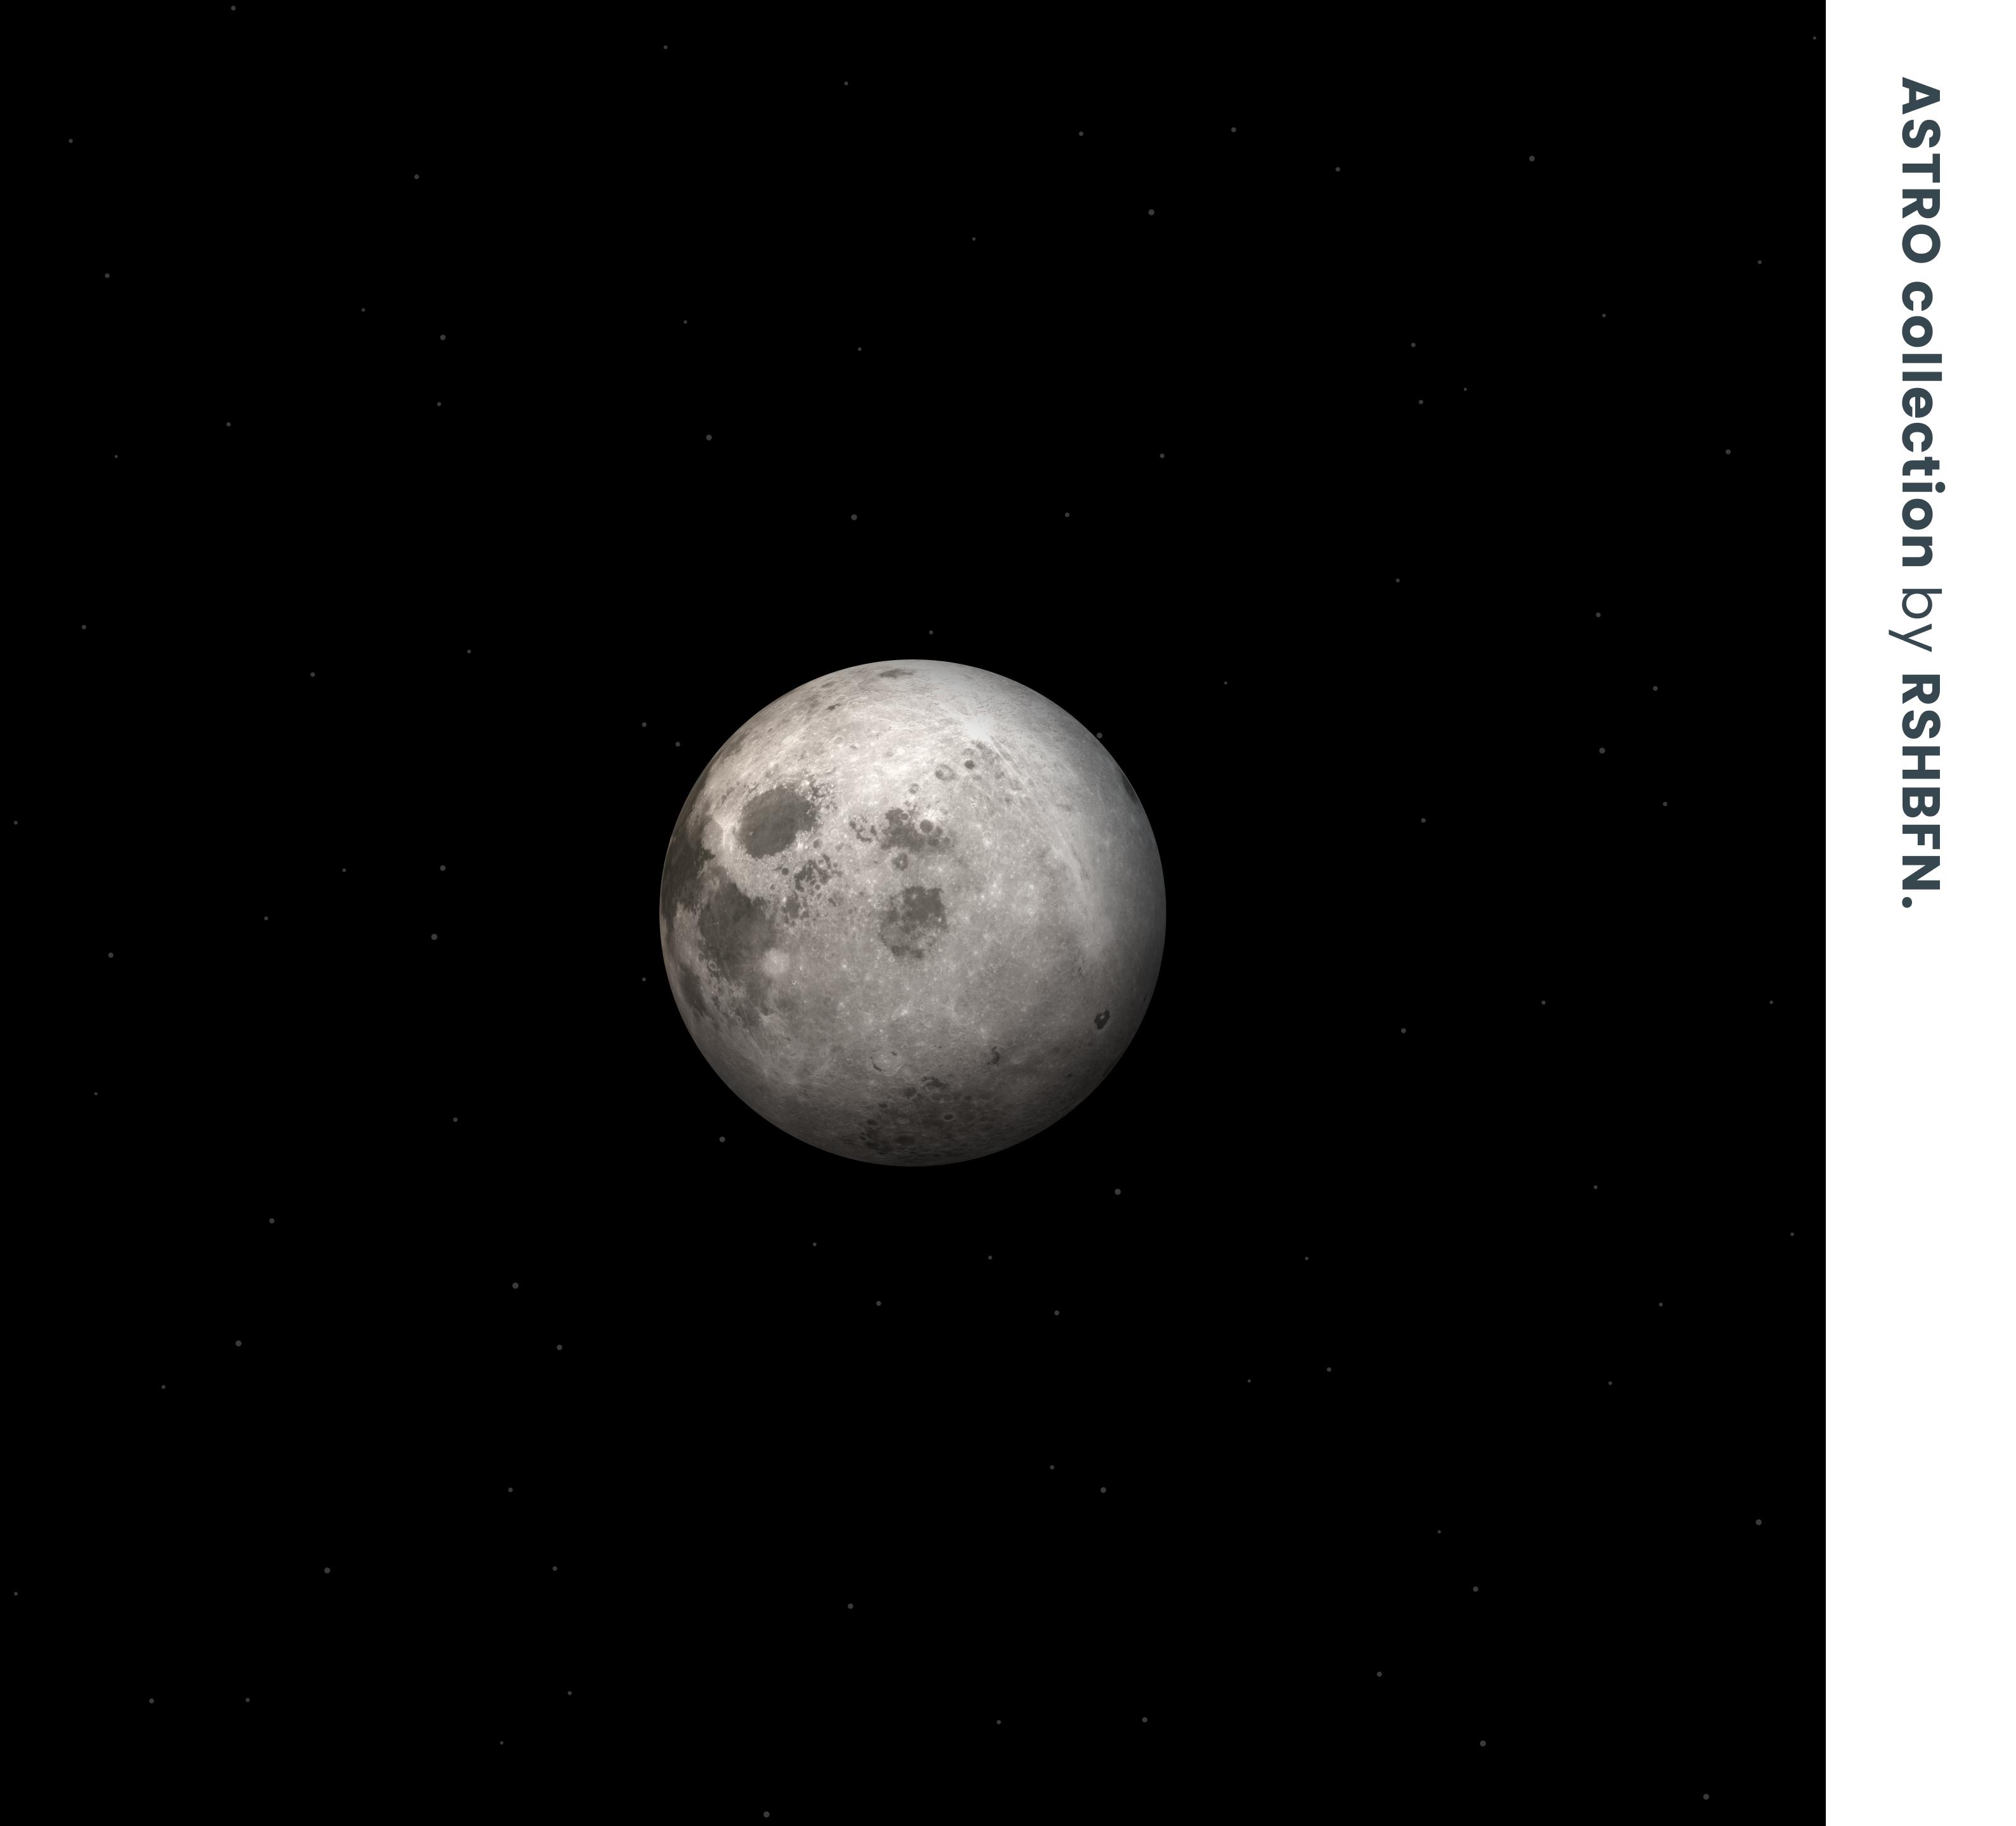 Planet iPhone wallpaper RshBfn iDownloadBlog Astro-3